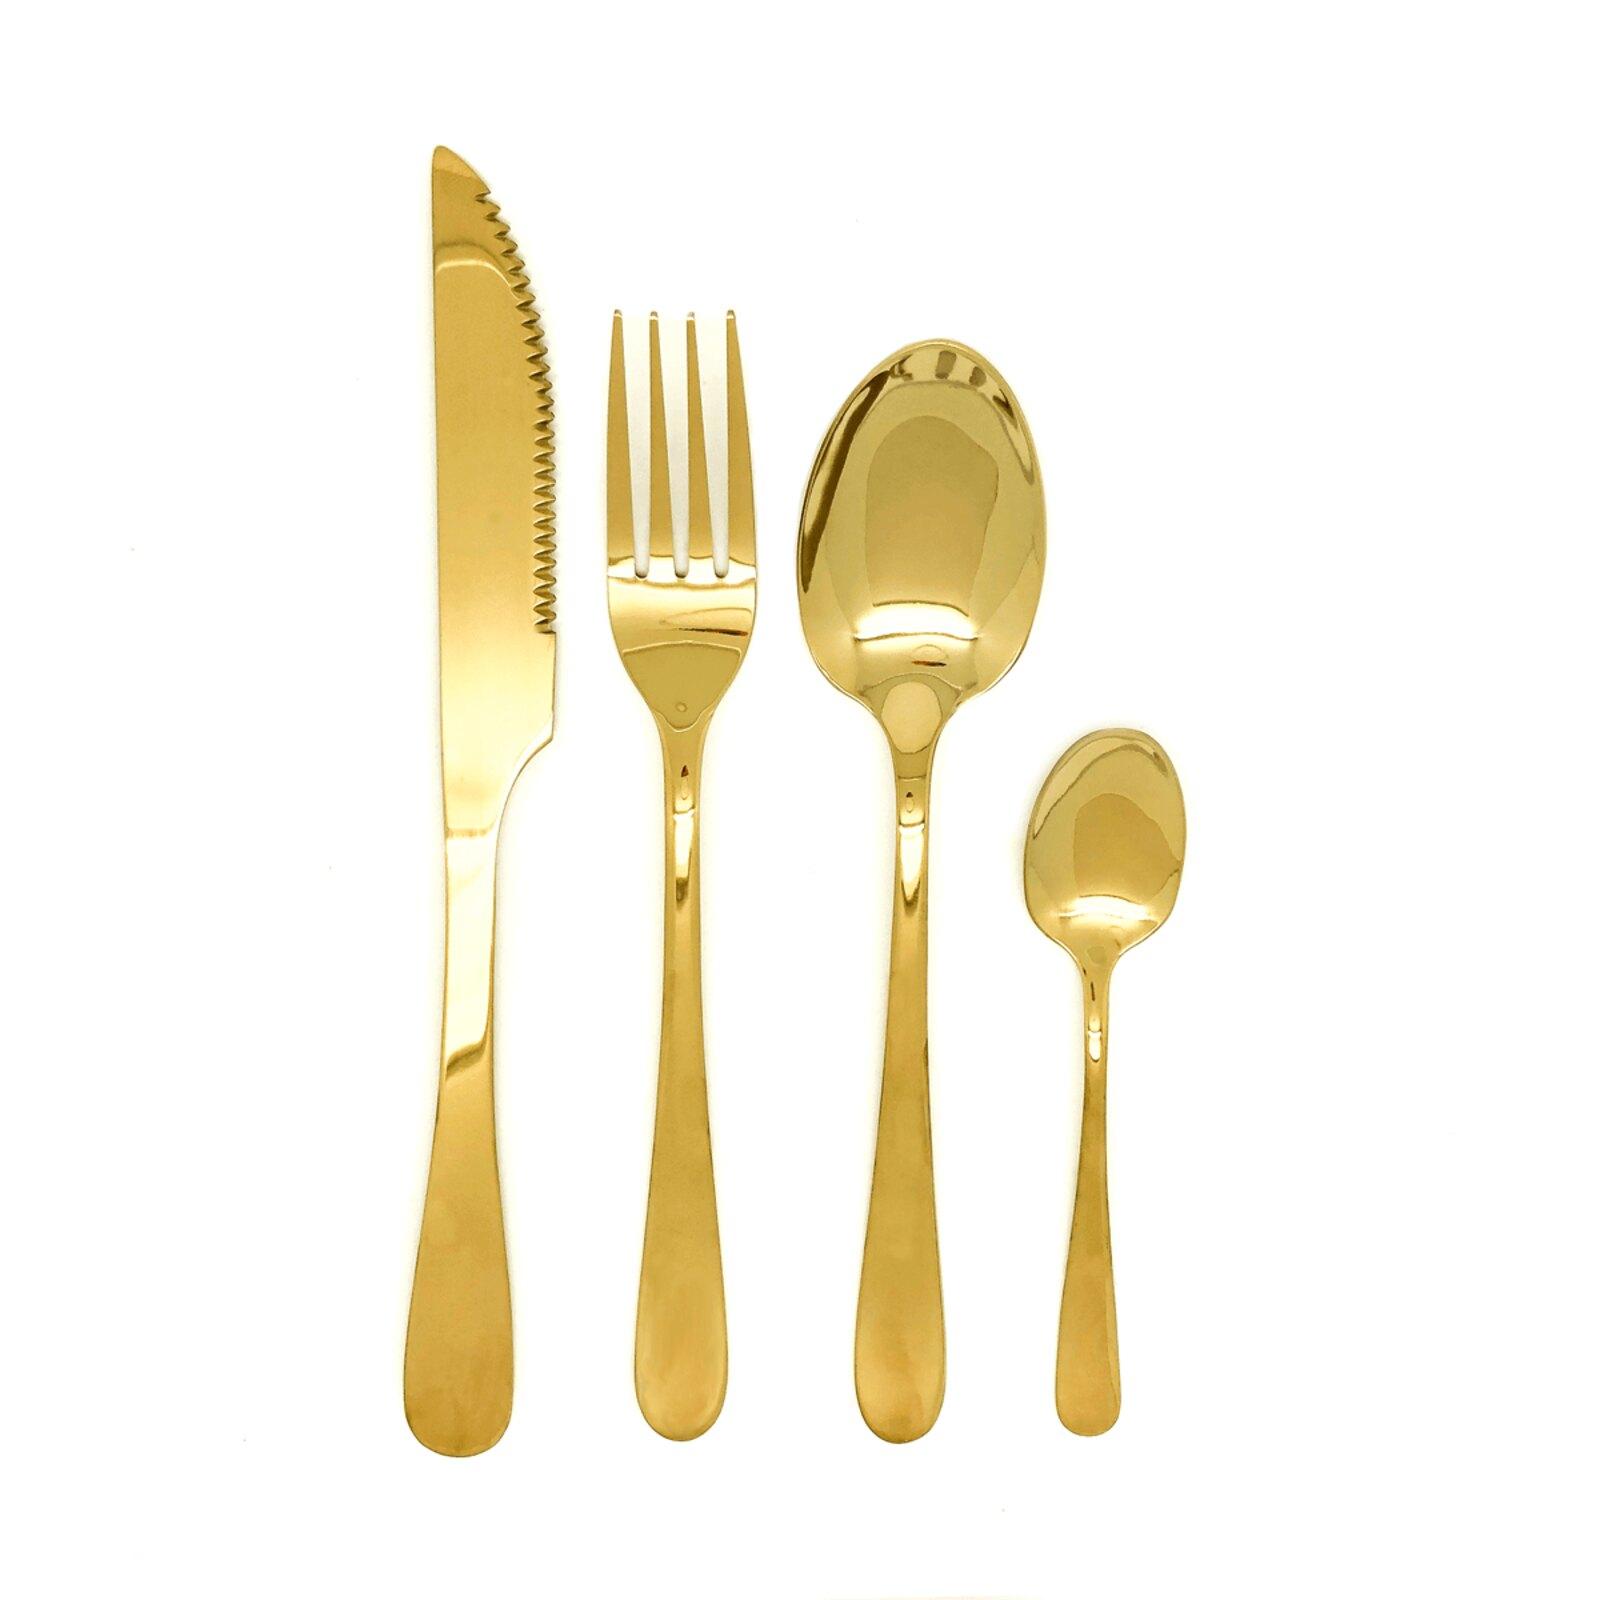 Talheres de Inox Brilhante Dourado - 4 Peças - OUTLET